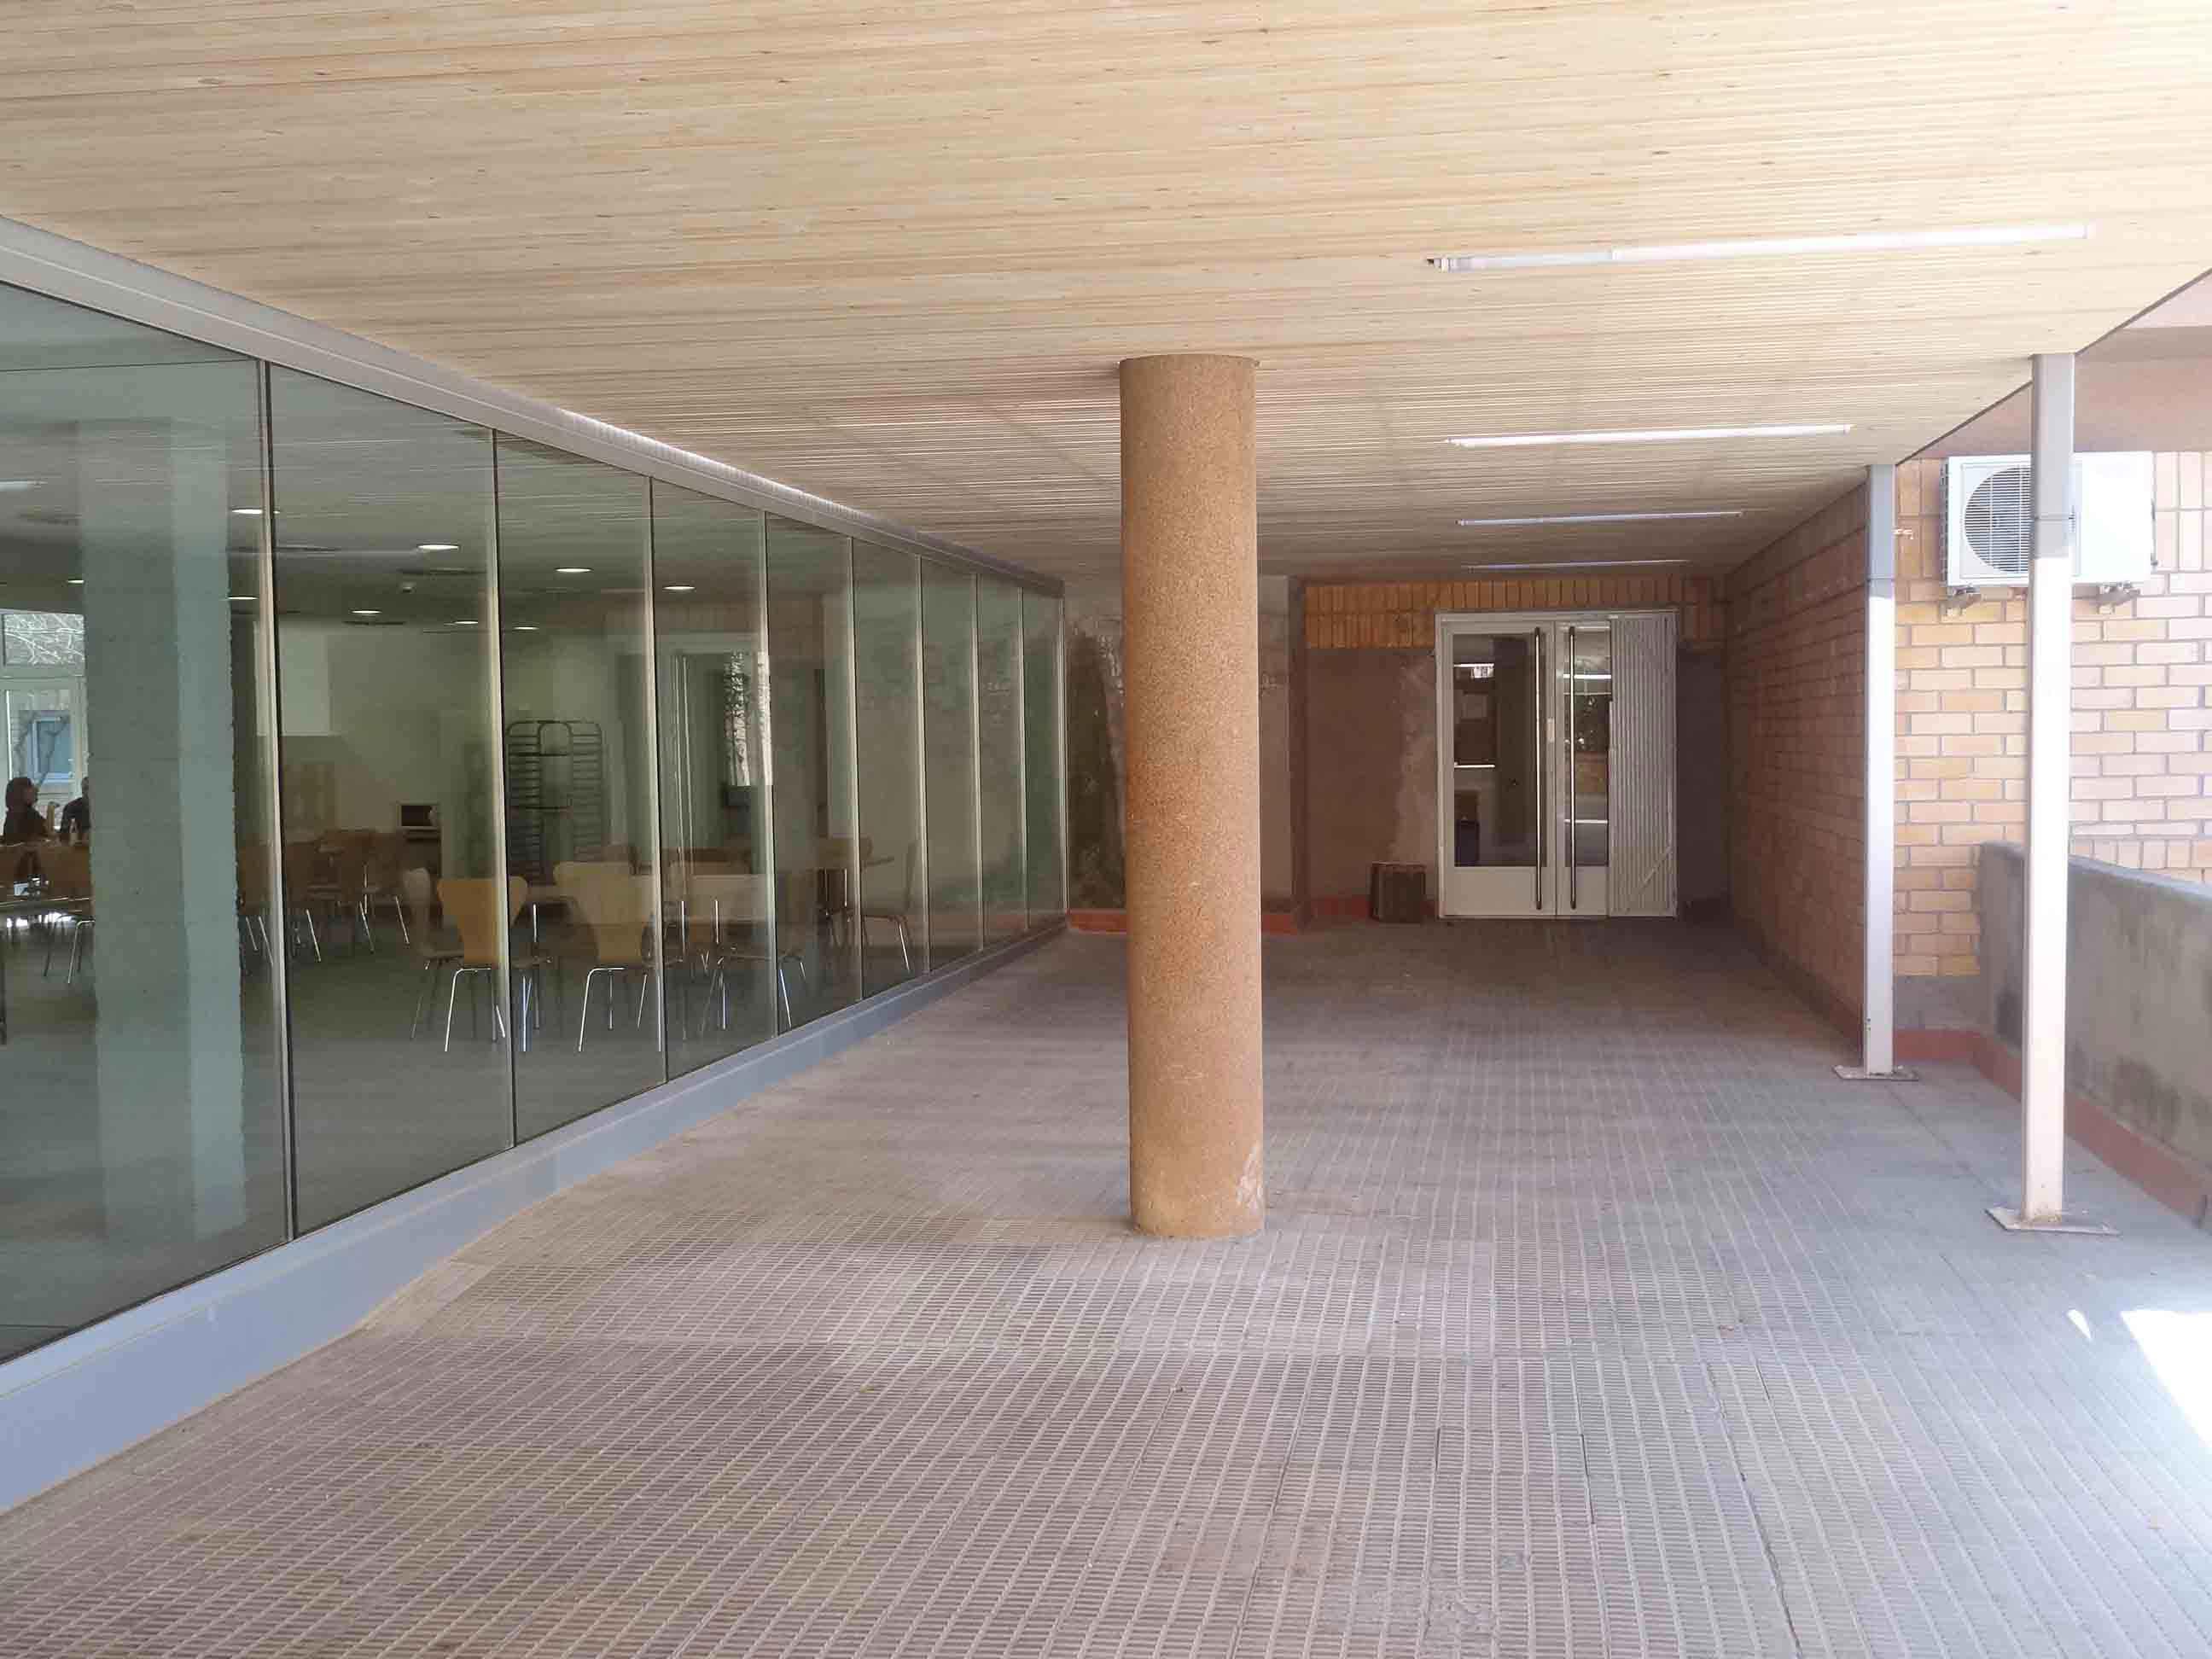 09-03-2012-03-06-CAFETERIA-INEFC-004.jpg